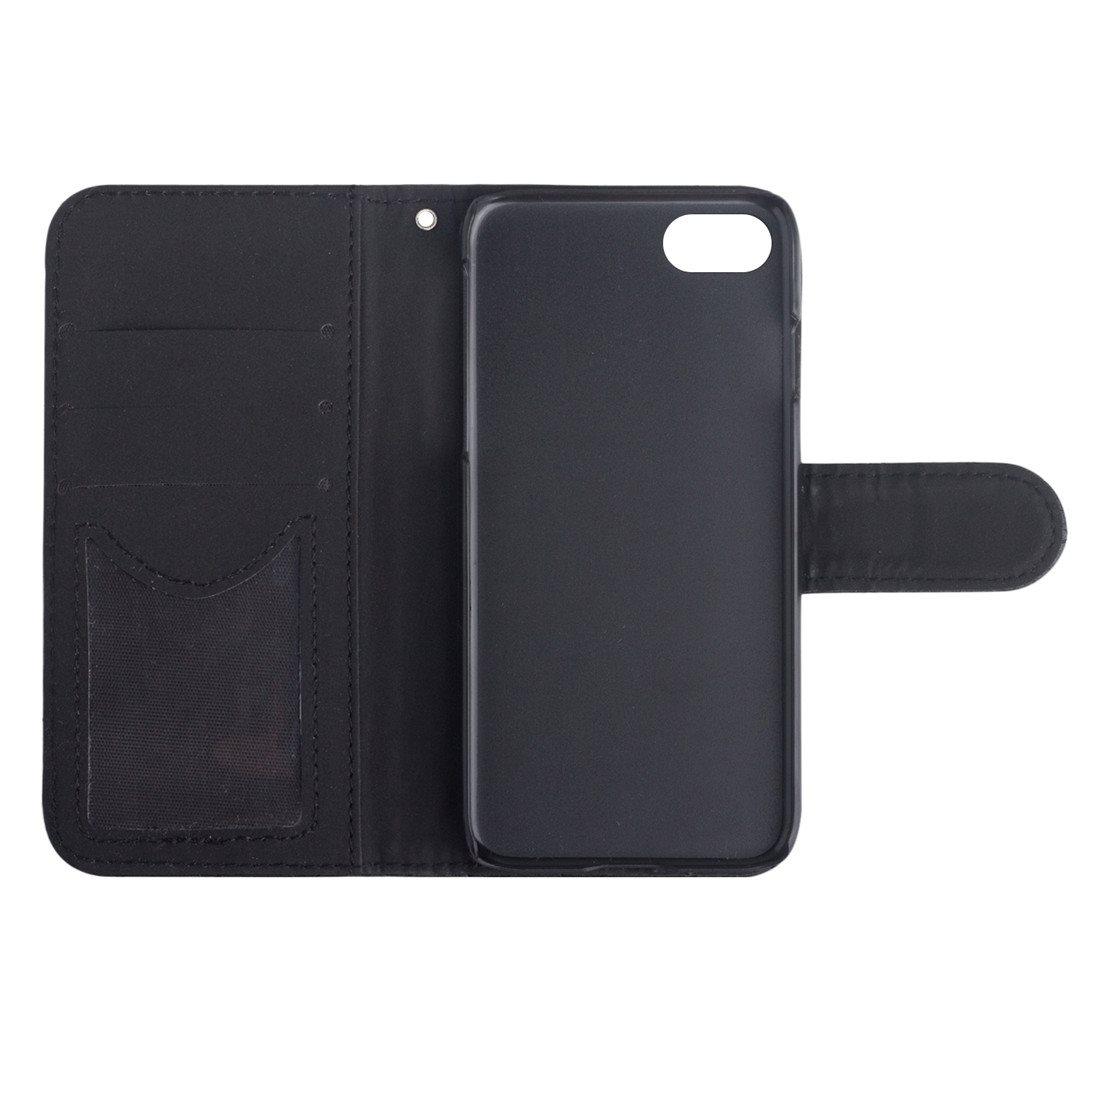 Plånboksfodral för iPhone 7 - Konstläder .. (272051478) ᐈ Braoha på ... 8e8106ddbfddd